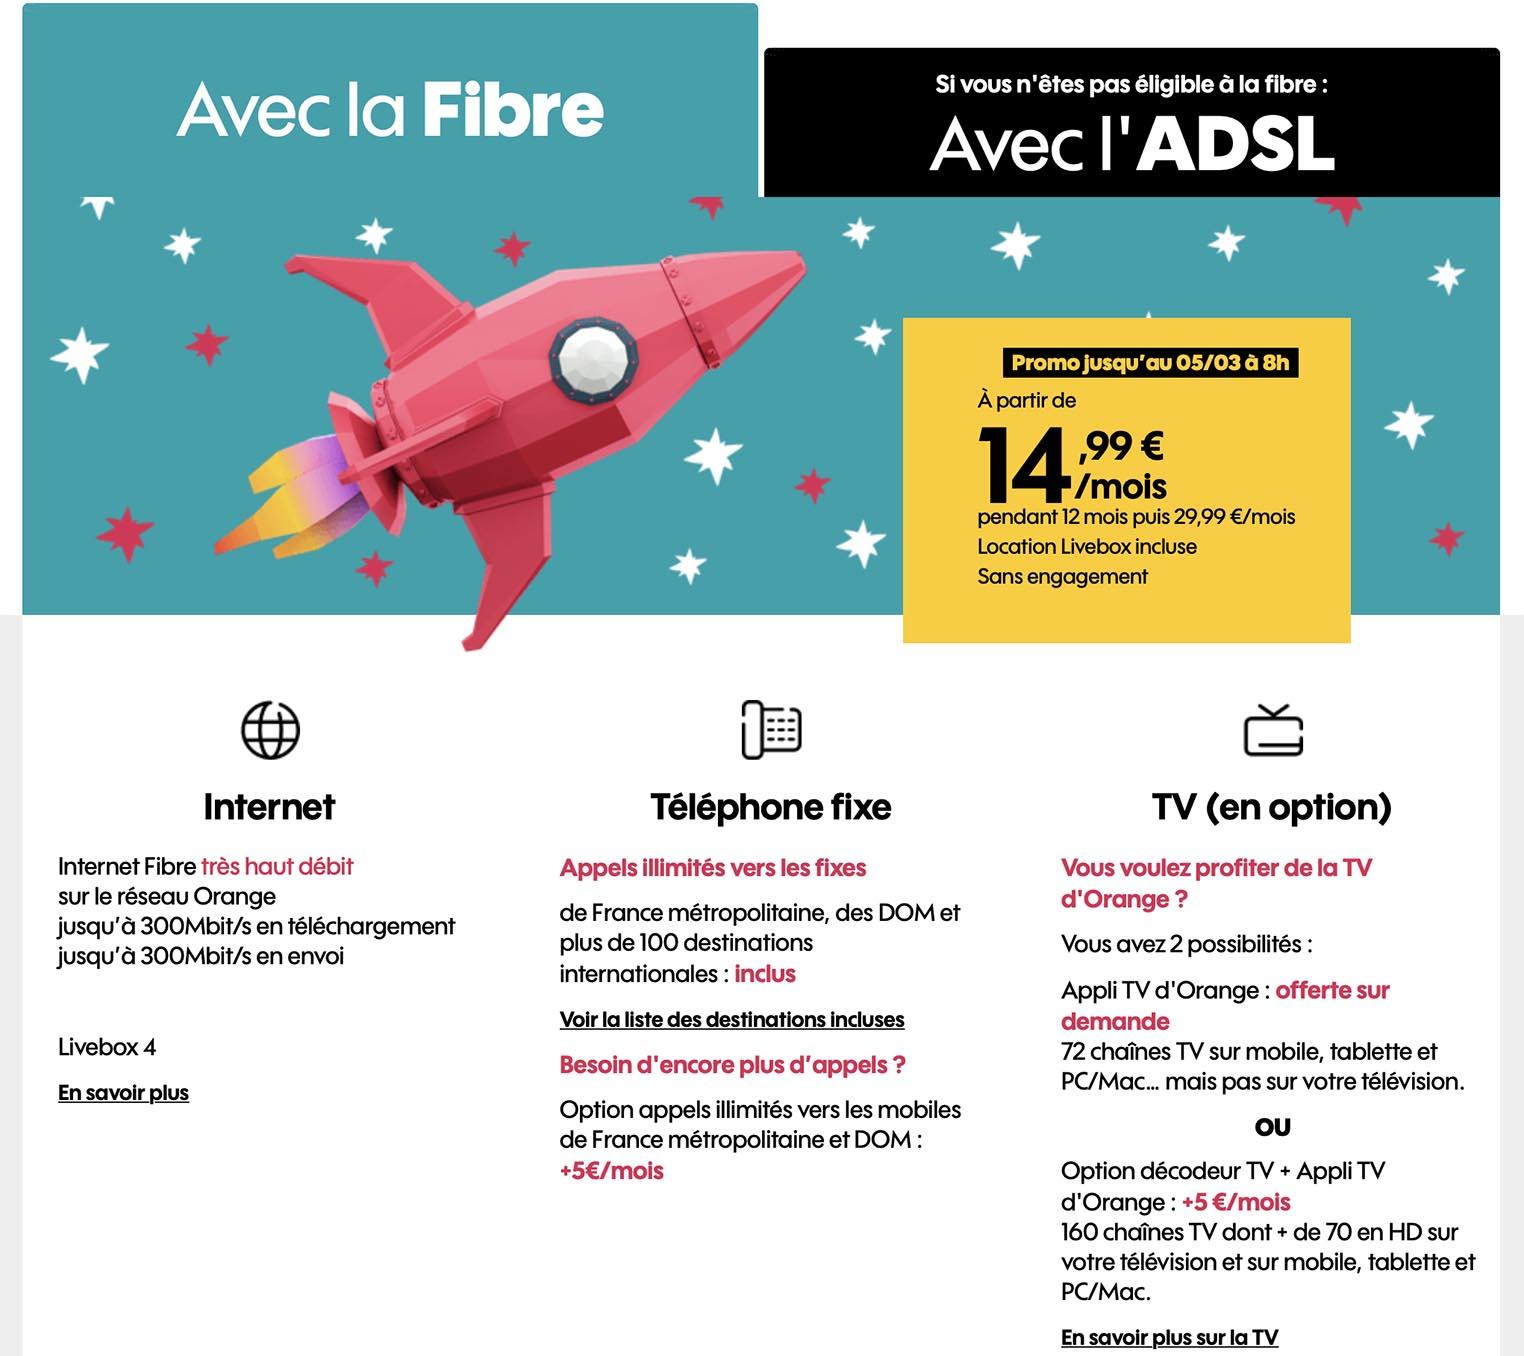 Sosh fibre promo